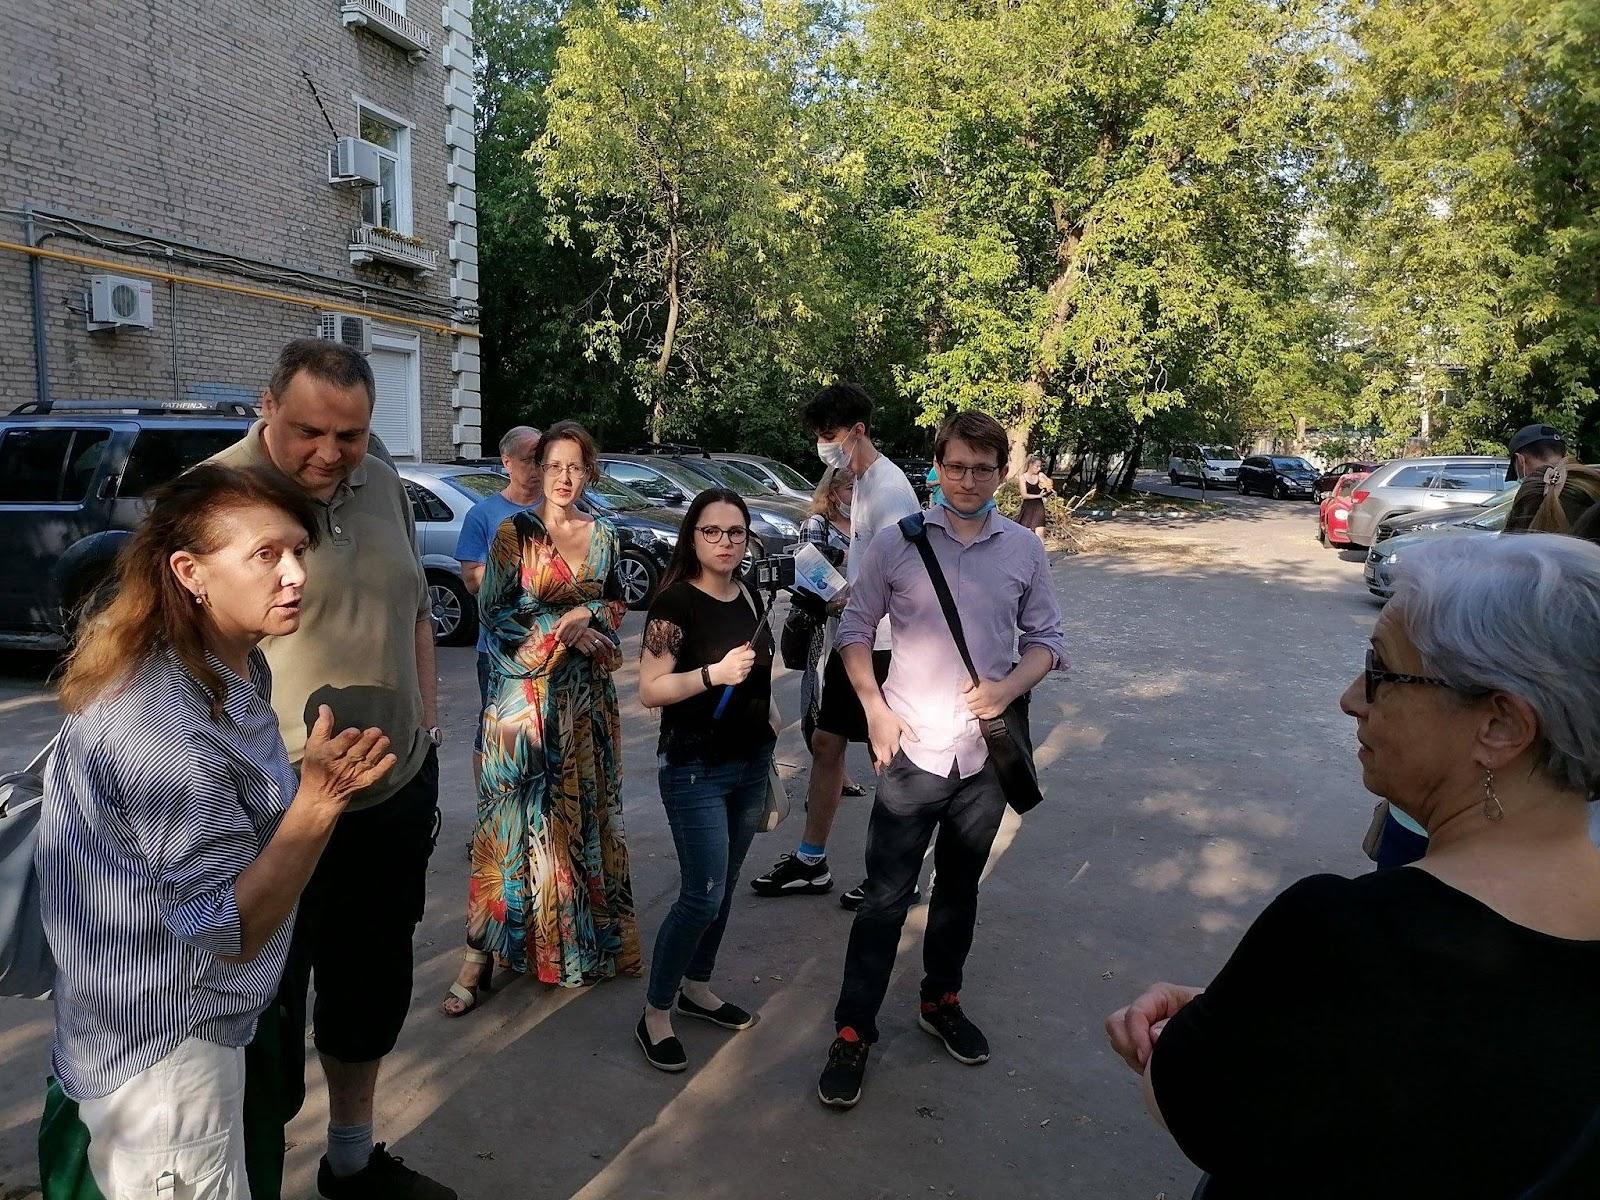 Возможно, это изображение (6 человек, люди стоят и на открытом воздухе)